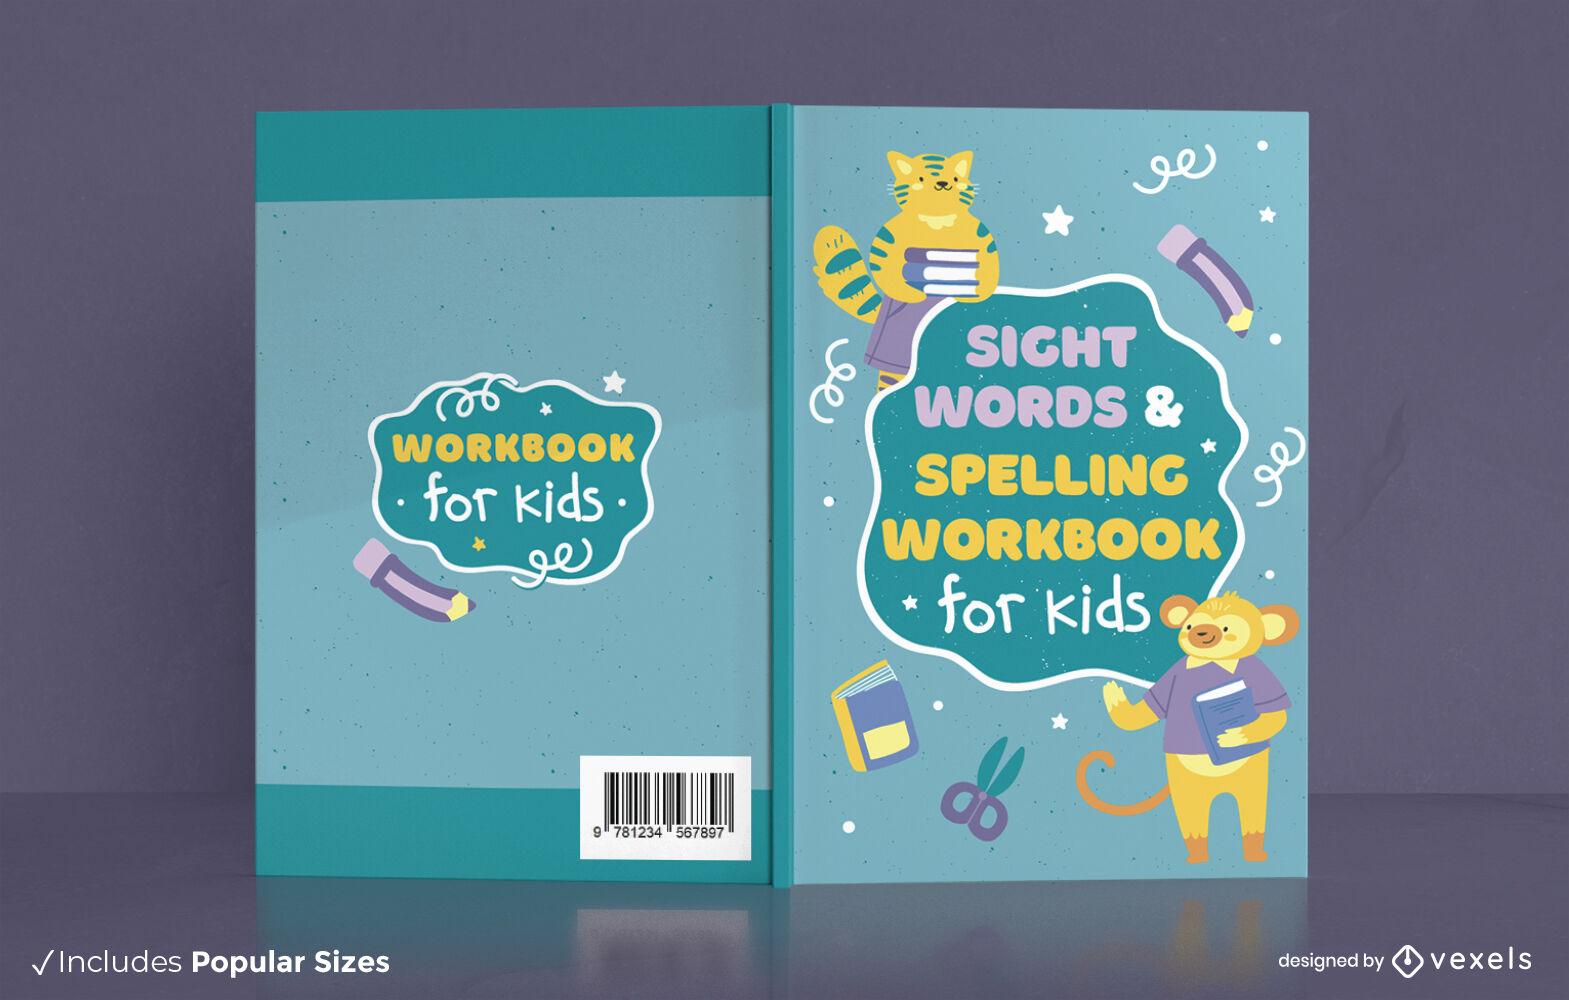 Precioso diseño de portada de libro de libro de trabajo de ortografía